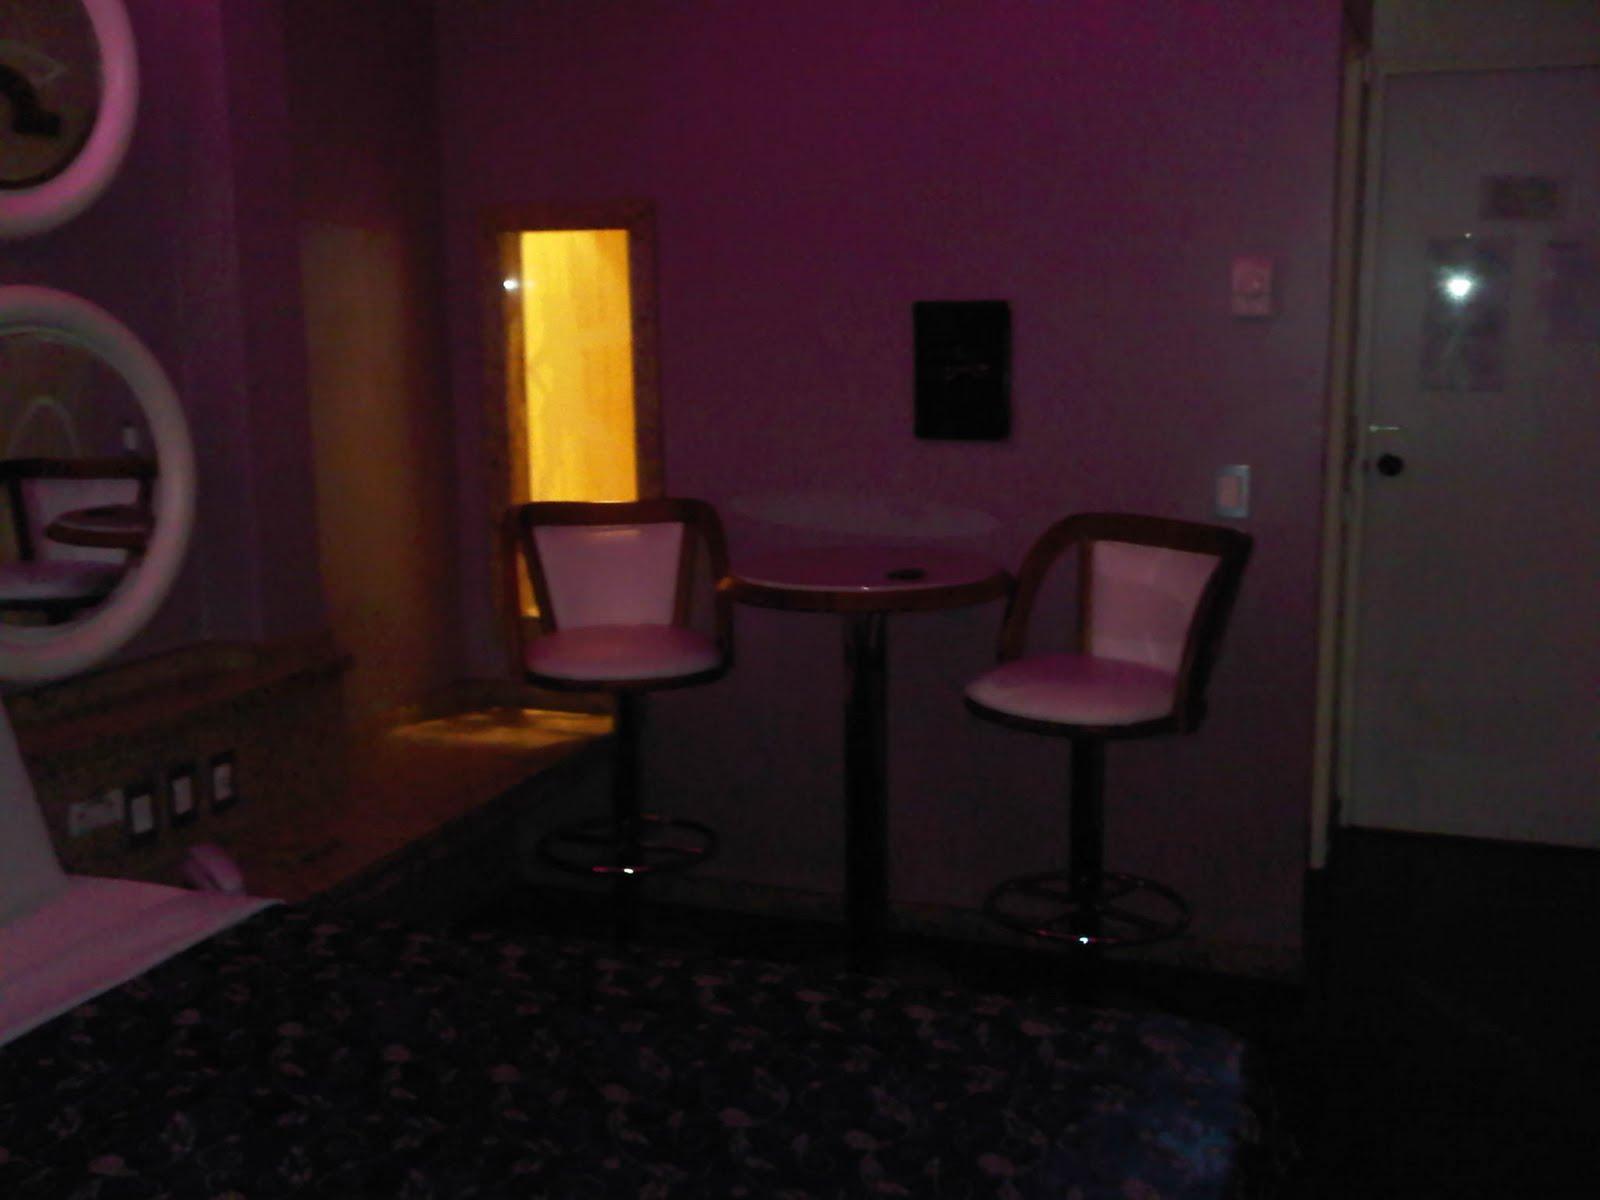 zona motel hotel american dallas